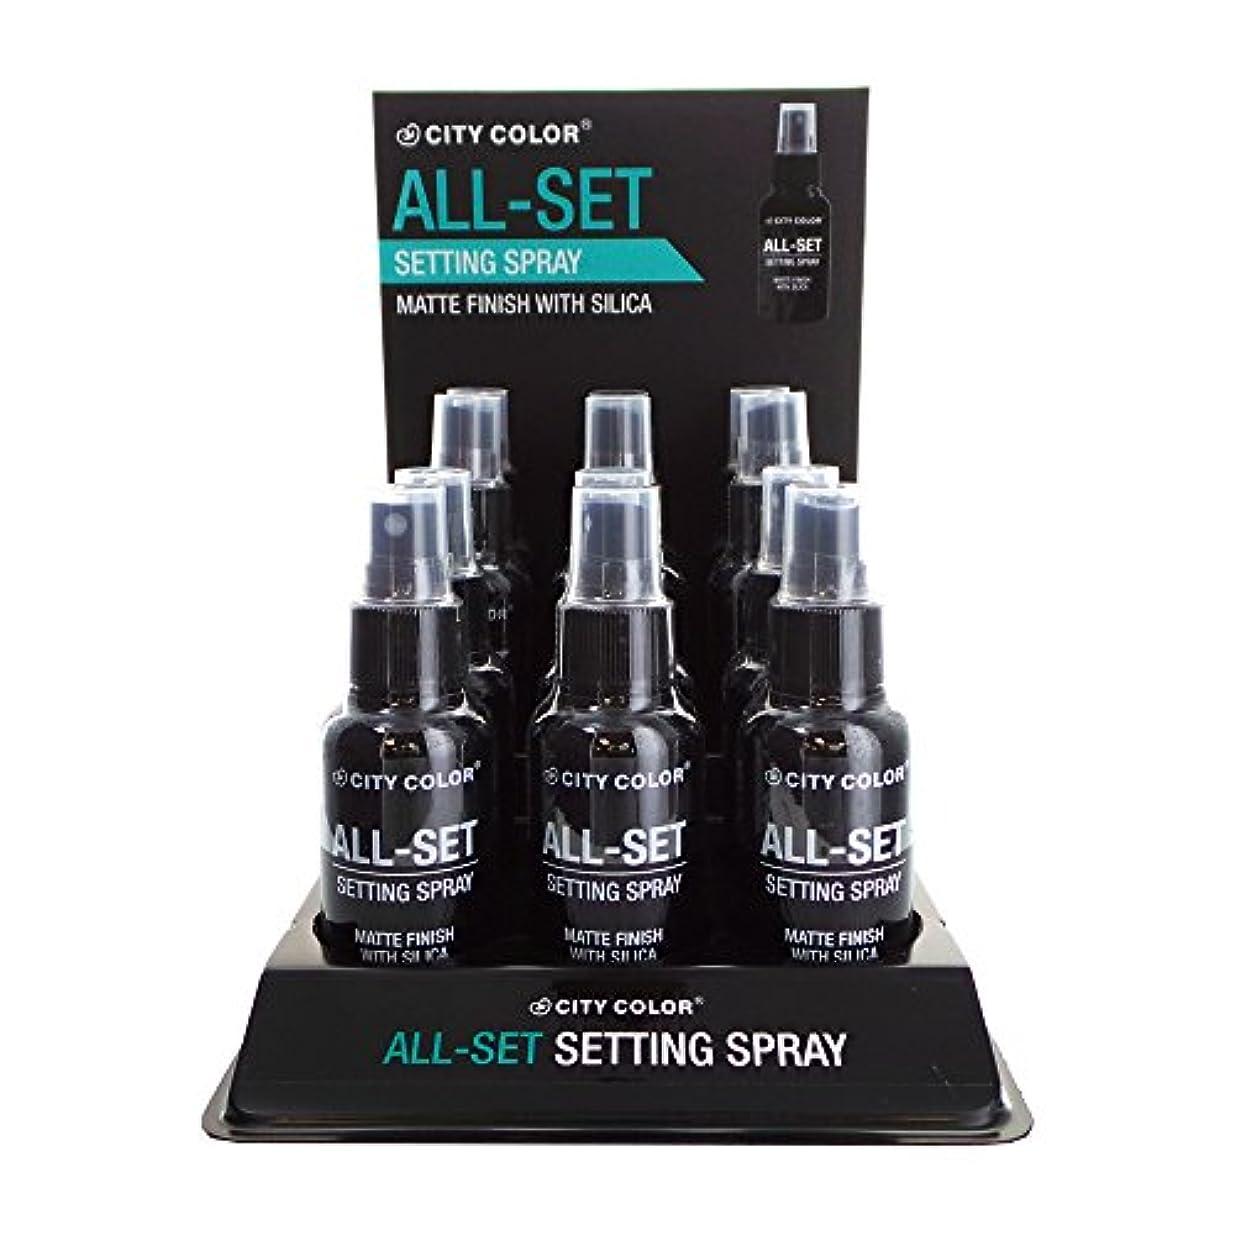 虫を数えるランチョン誠意CITY COLOR All-Set Setting Spray Display Set, 12 Pieces (並行輸入品)